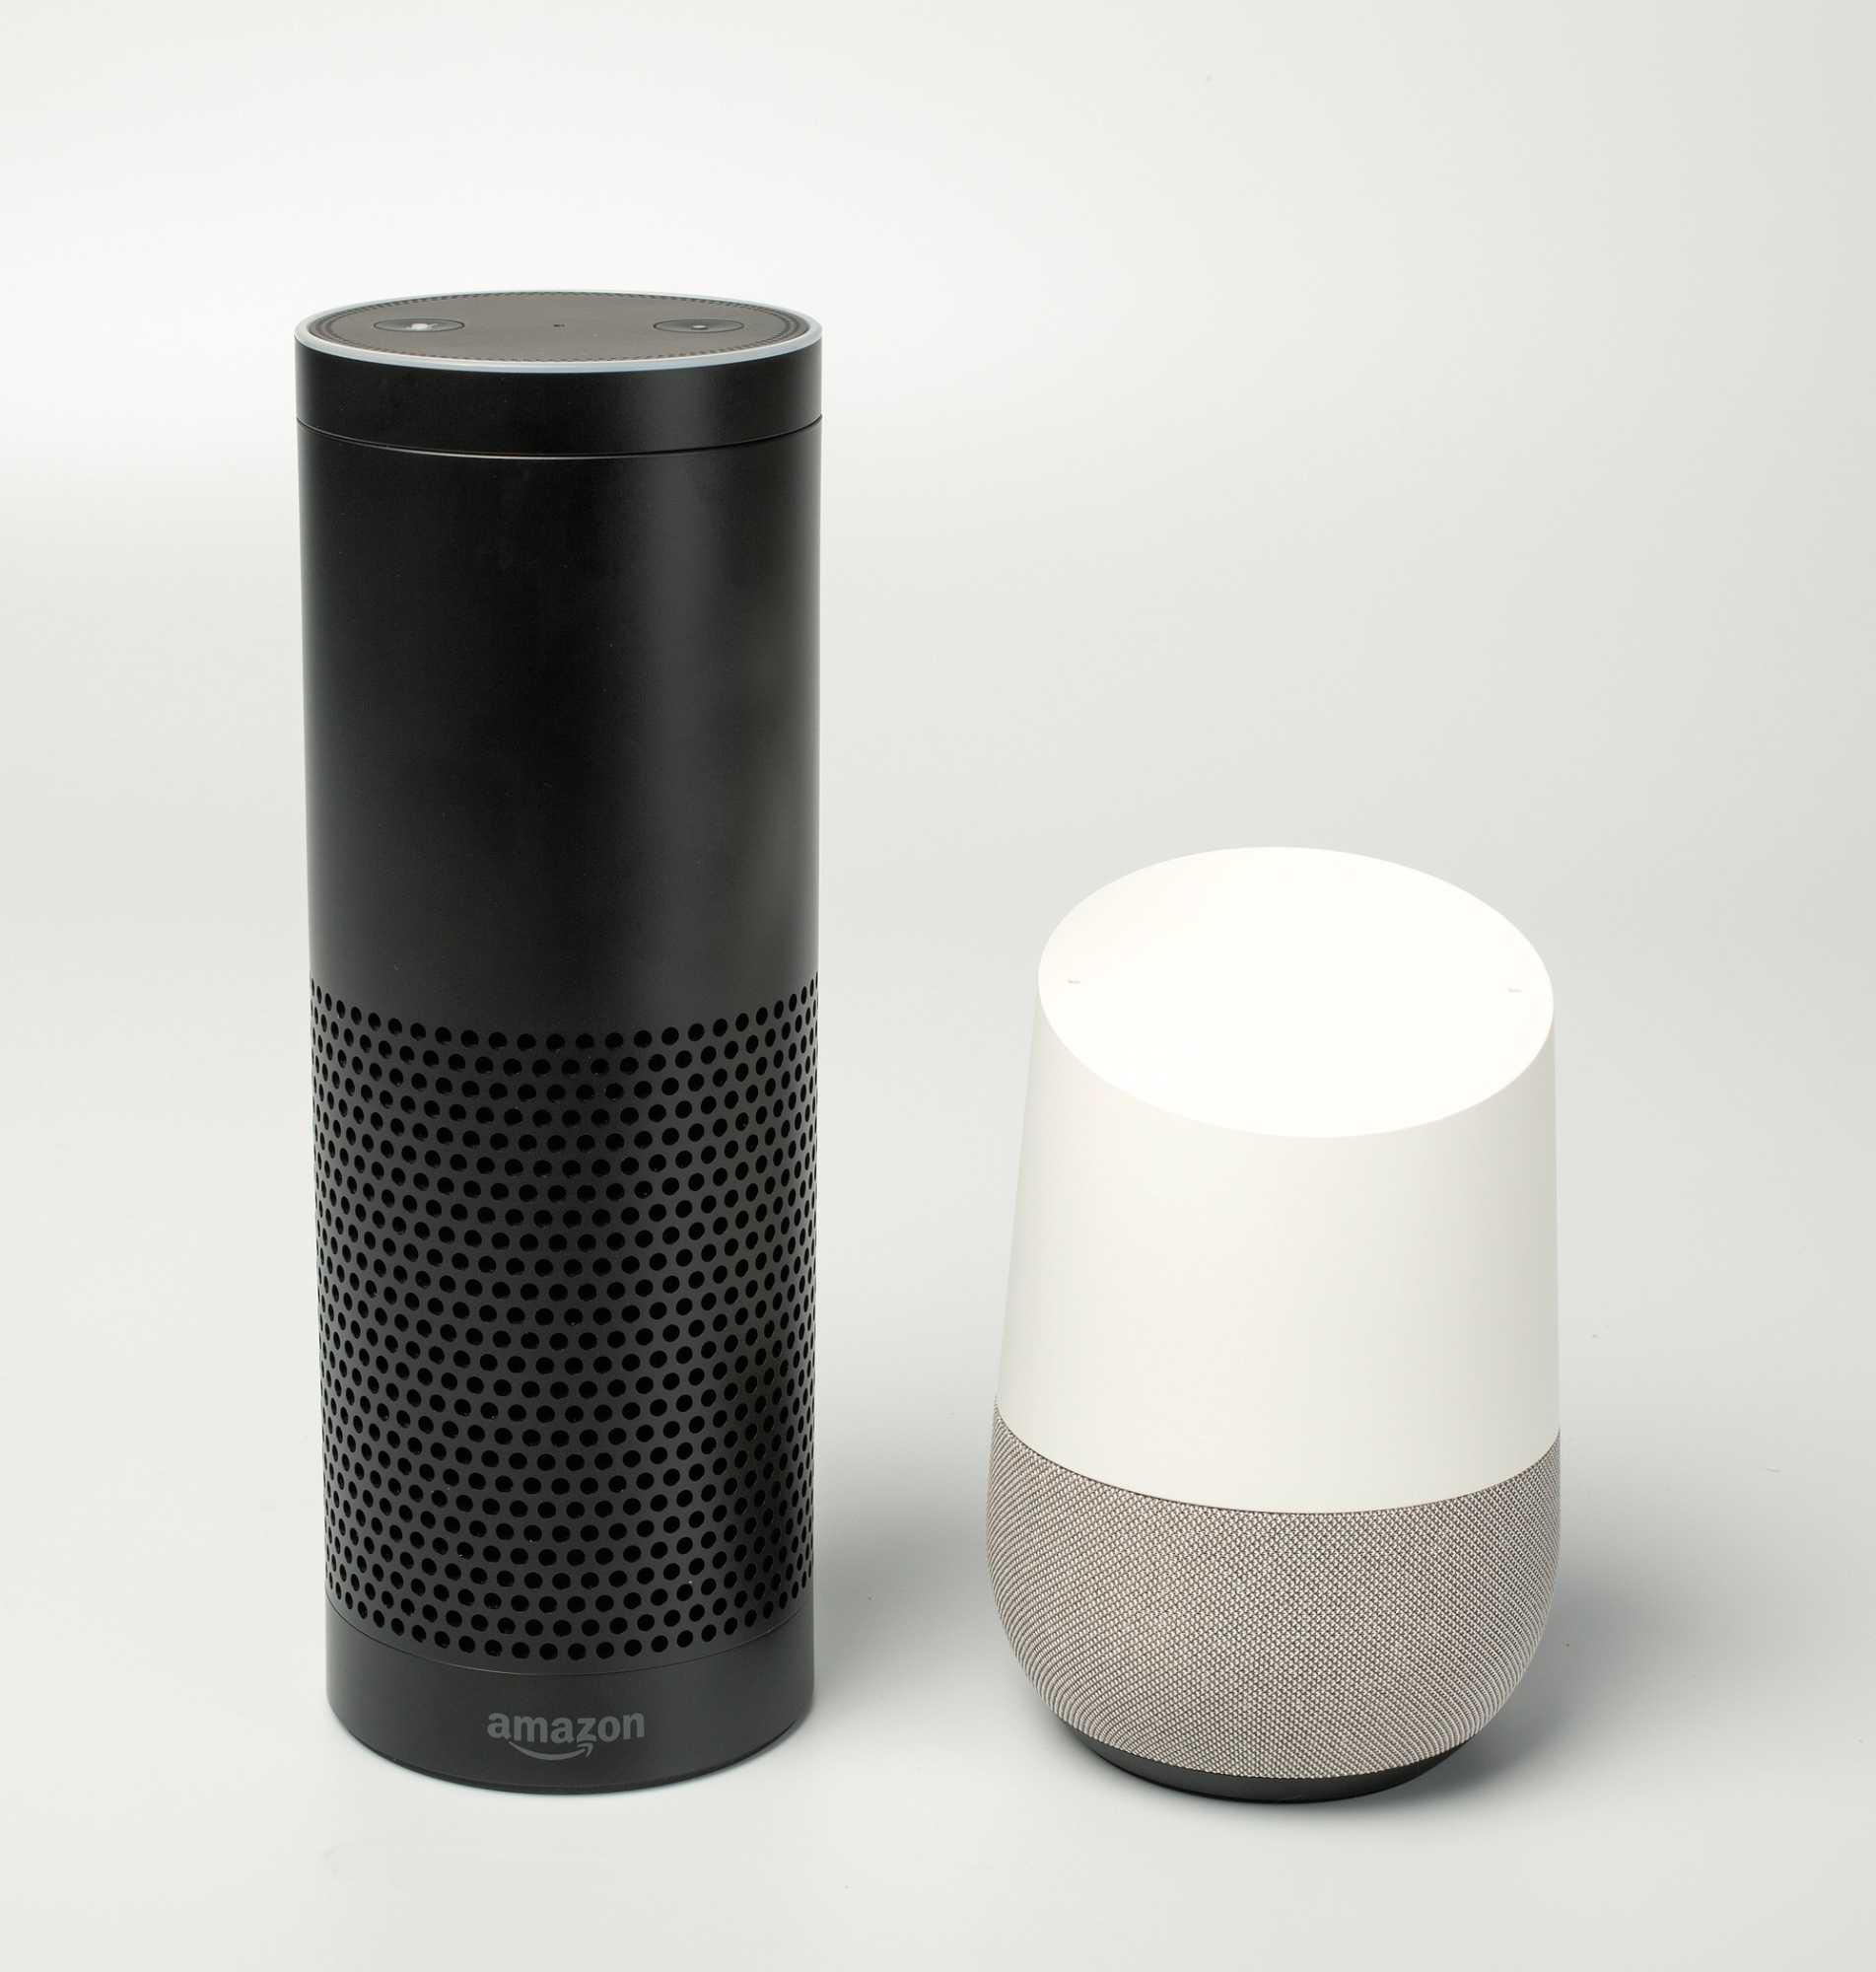 Mit dem Amazon Echo (links) und Google Home begann der Sprachassistenten-Boom.